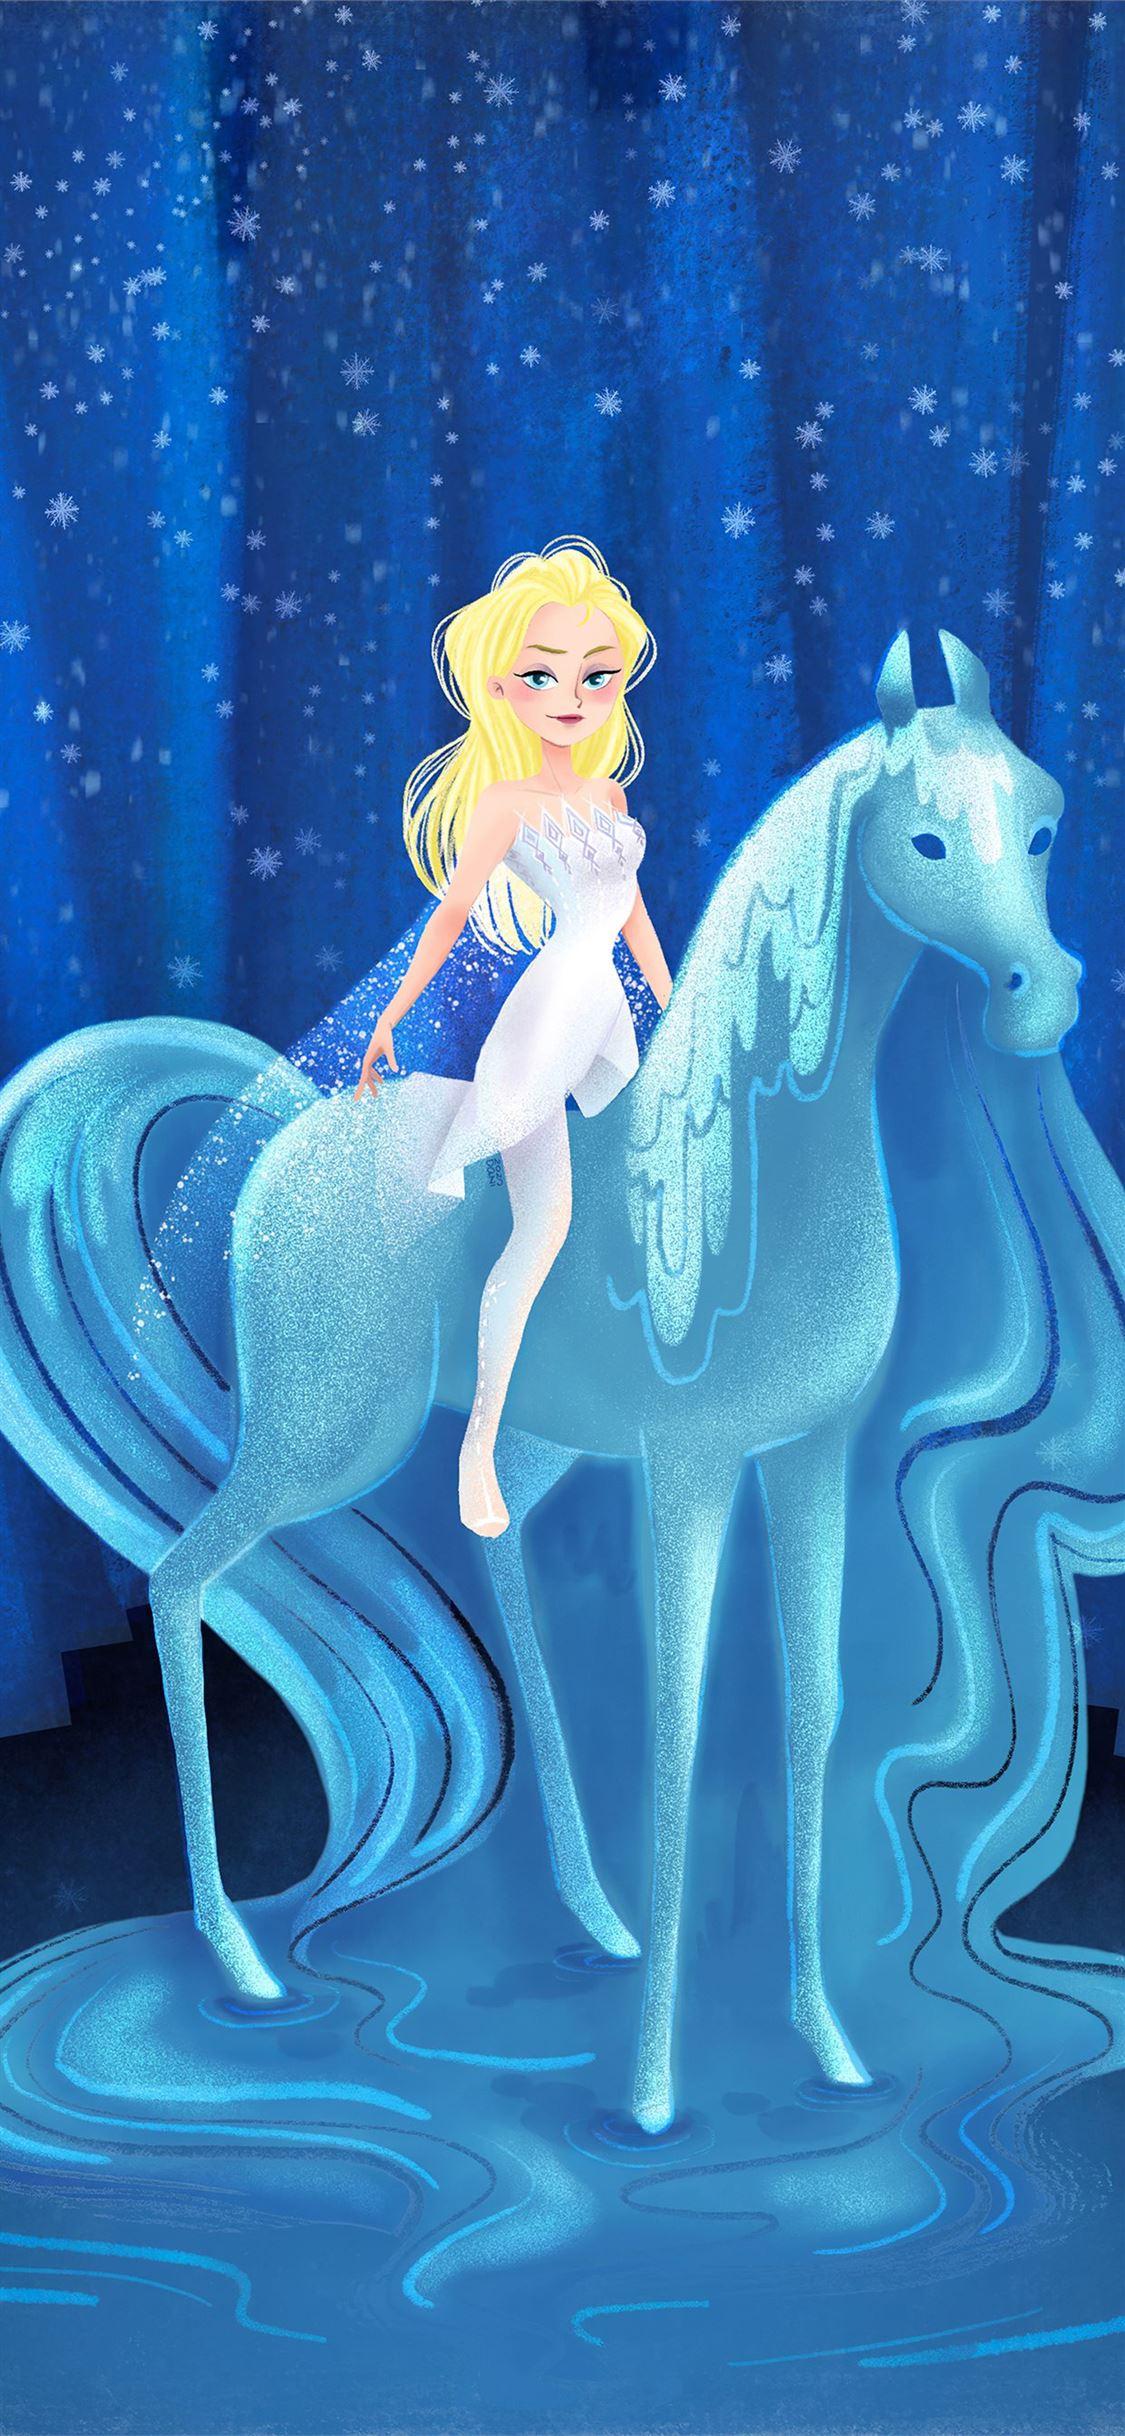 Elsa Frozen Artwork 4k Iphone X Wallpapers Free Download